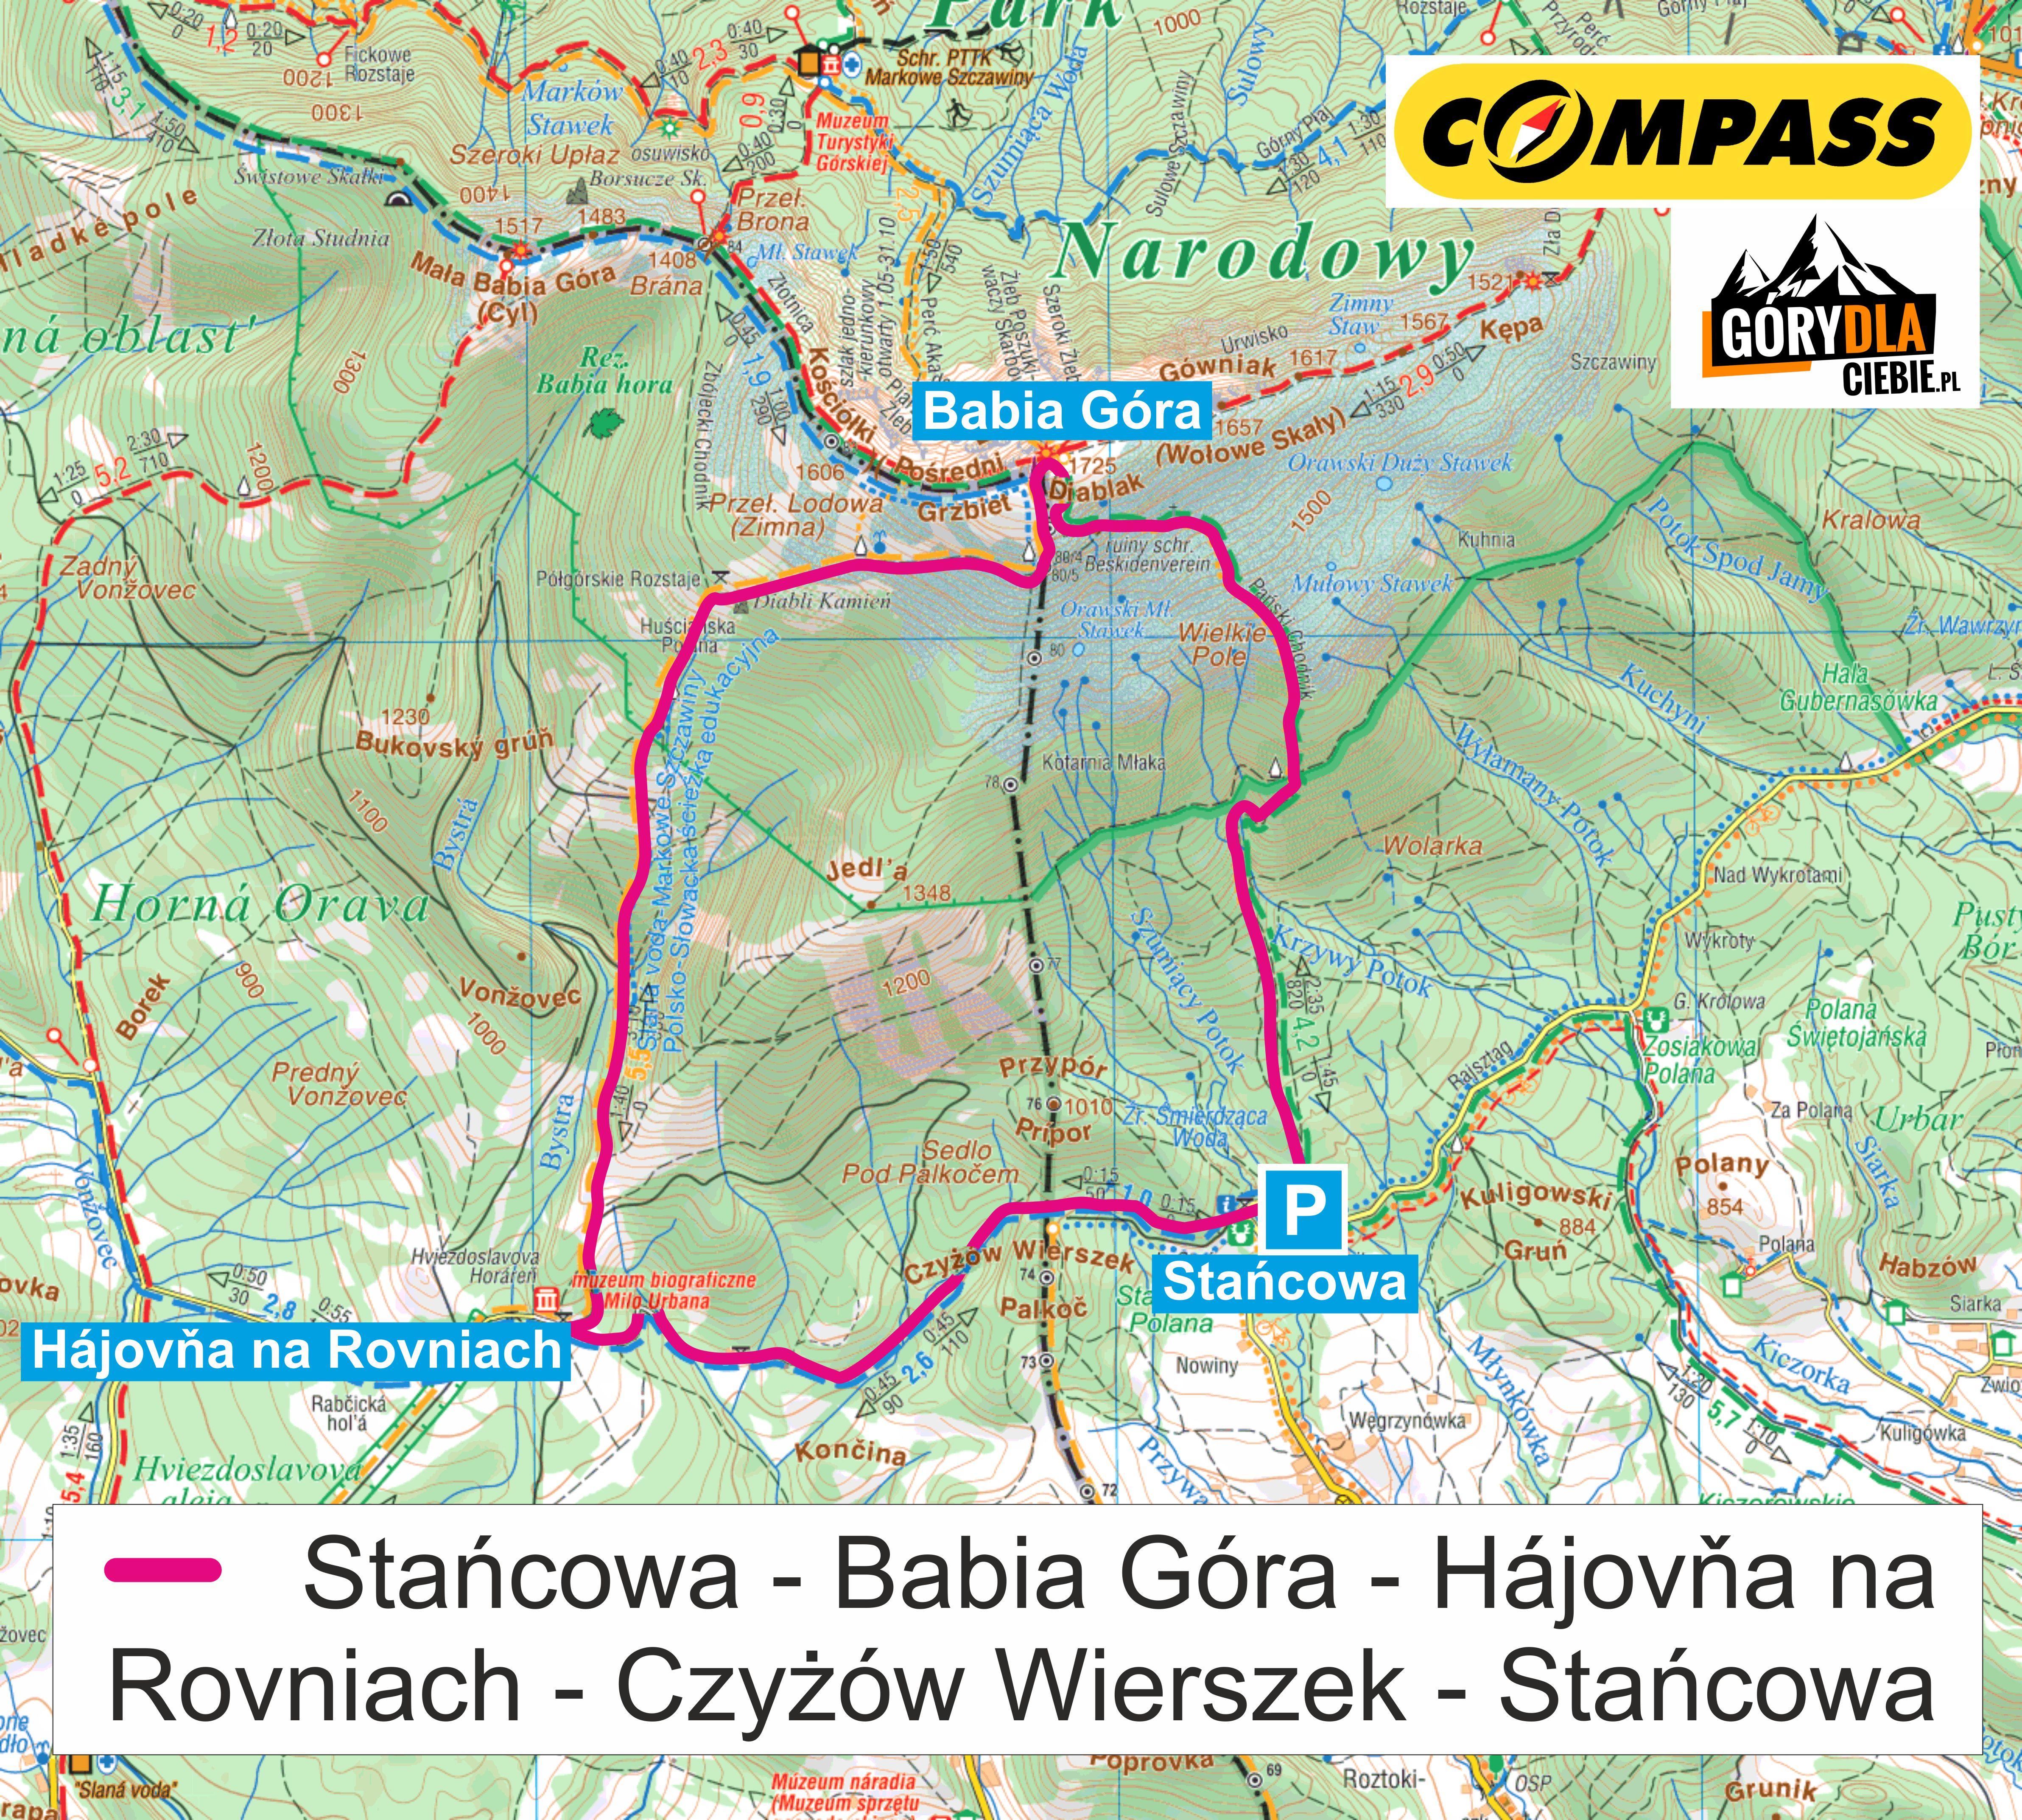 Mapa I Opisana Trasa Na Babia Gore Od Strony Slowackiej